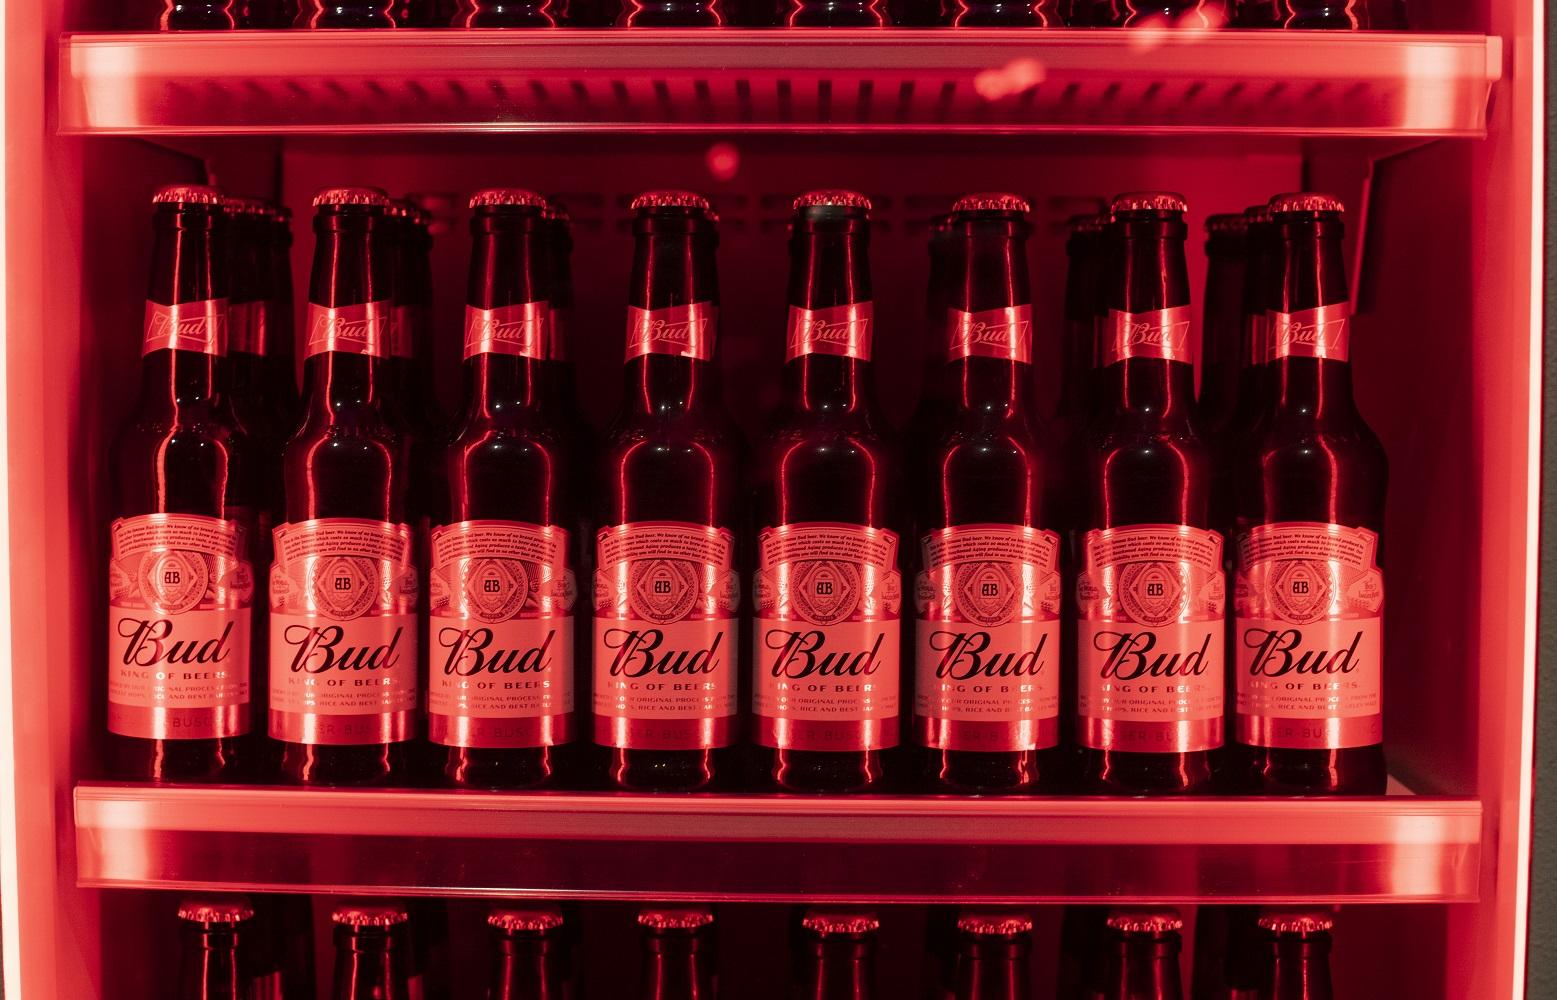 Bud bier Nederland